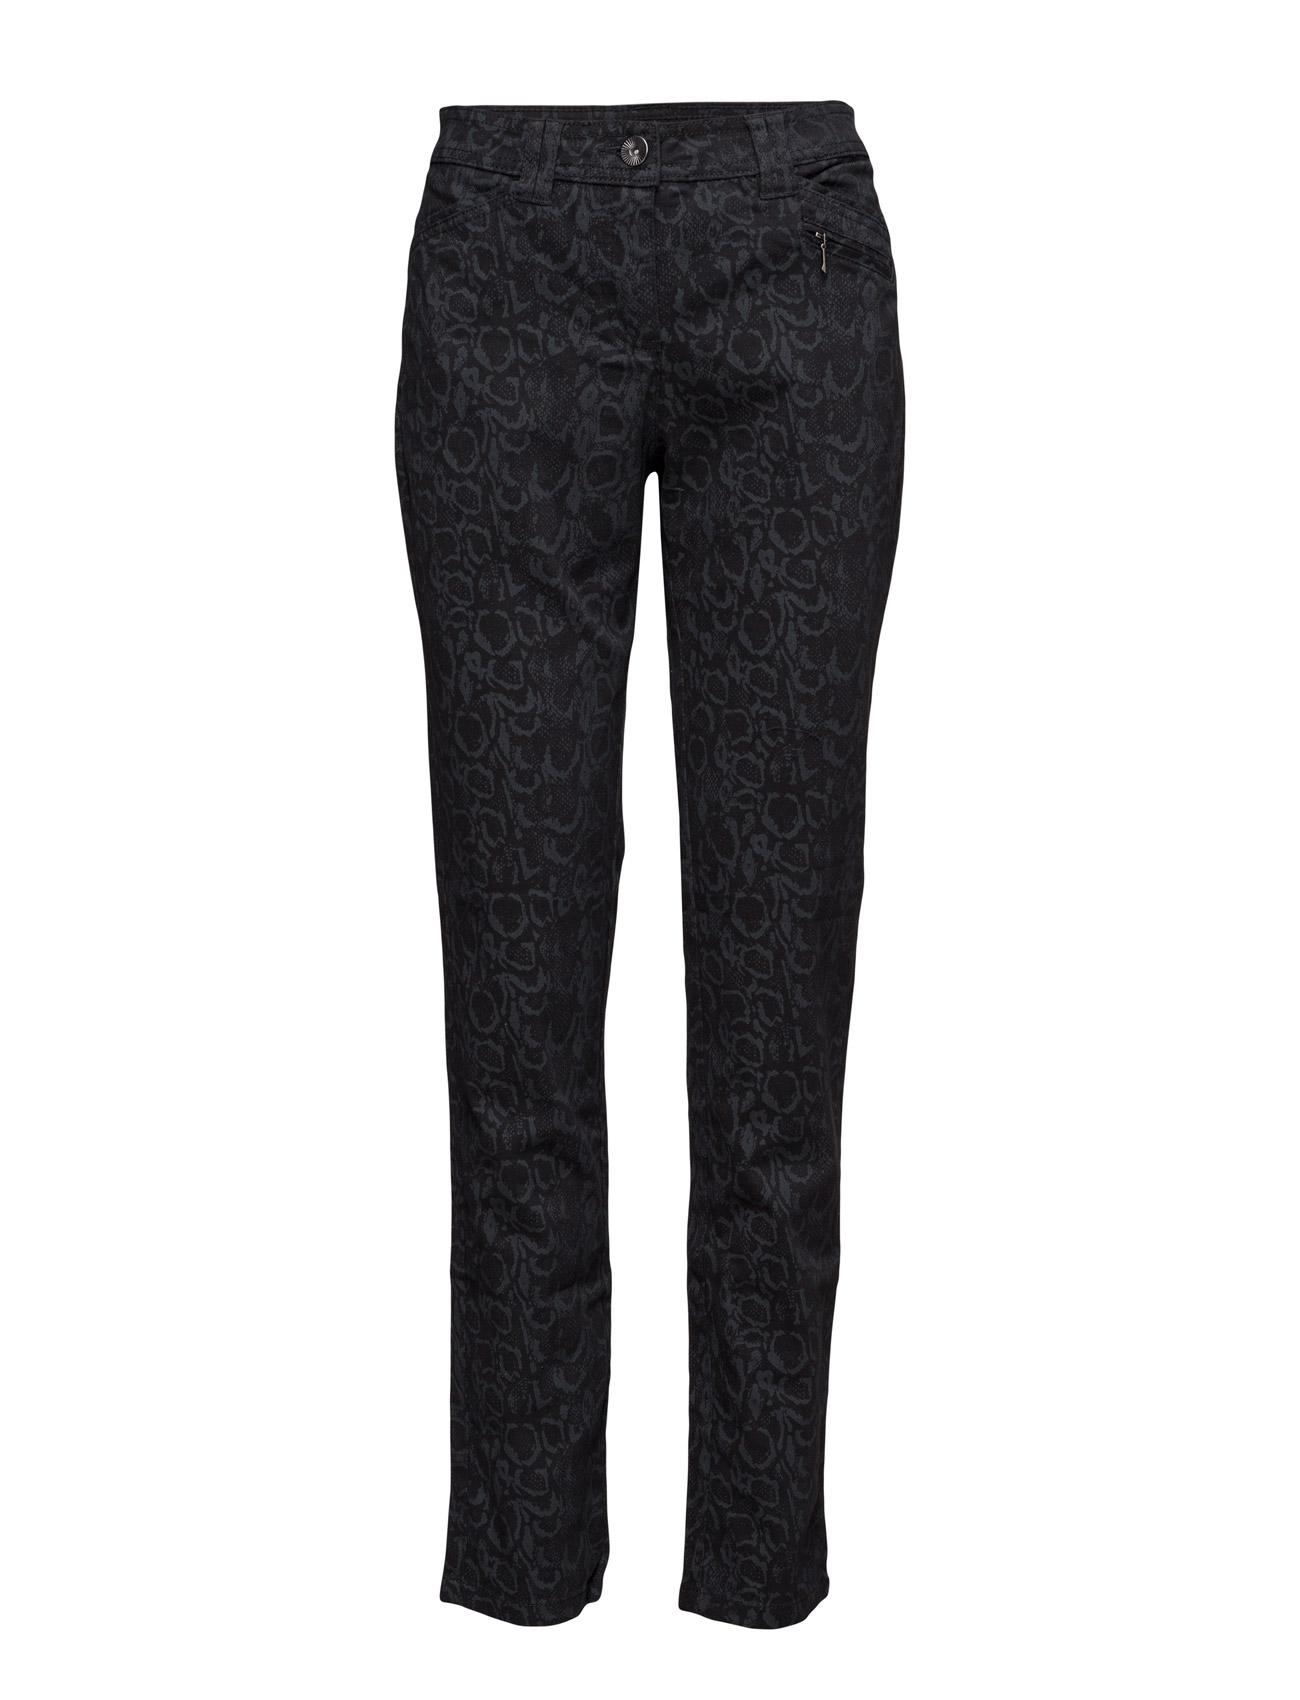 Jeans Brandtex Bukser til Kvinder i Sort